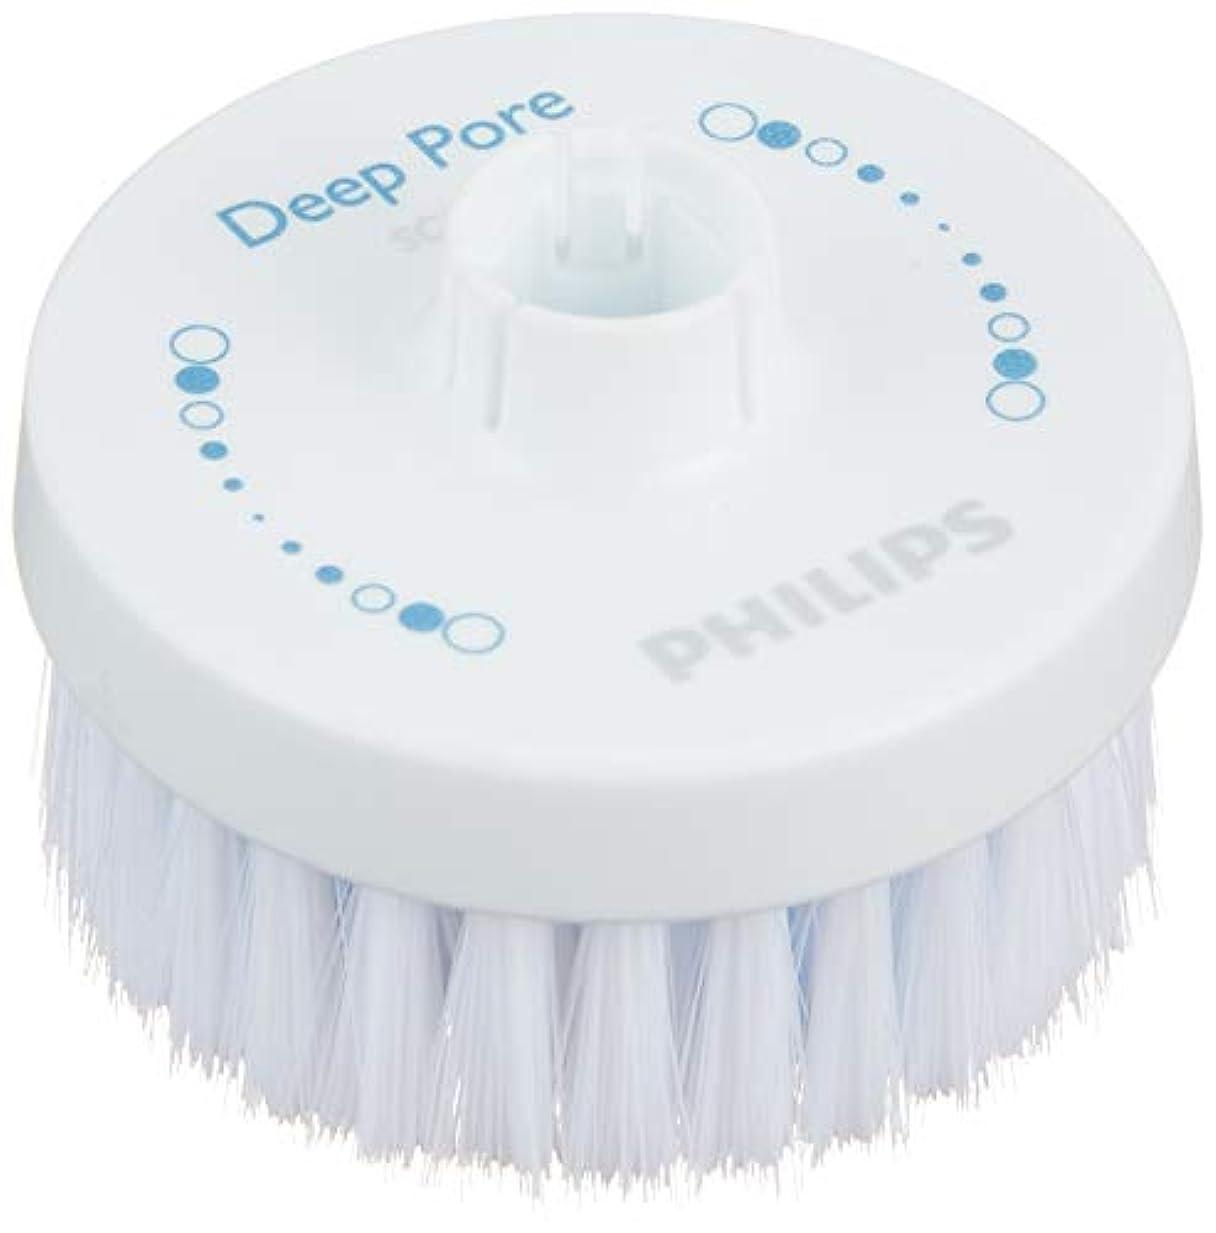 神秘生理主流フィリップス 洗顔ブラシ ビザピュア 毛穴ディープクレンジング ブラシ SC6026/00